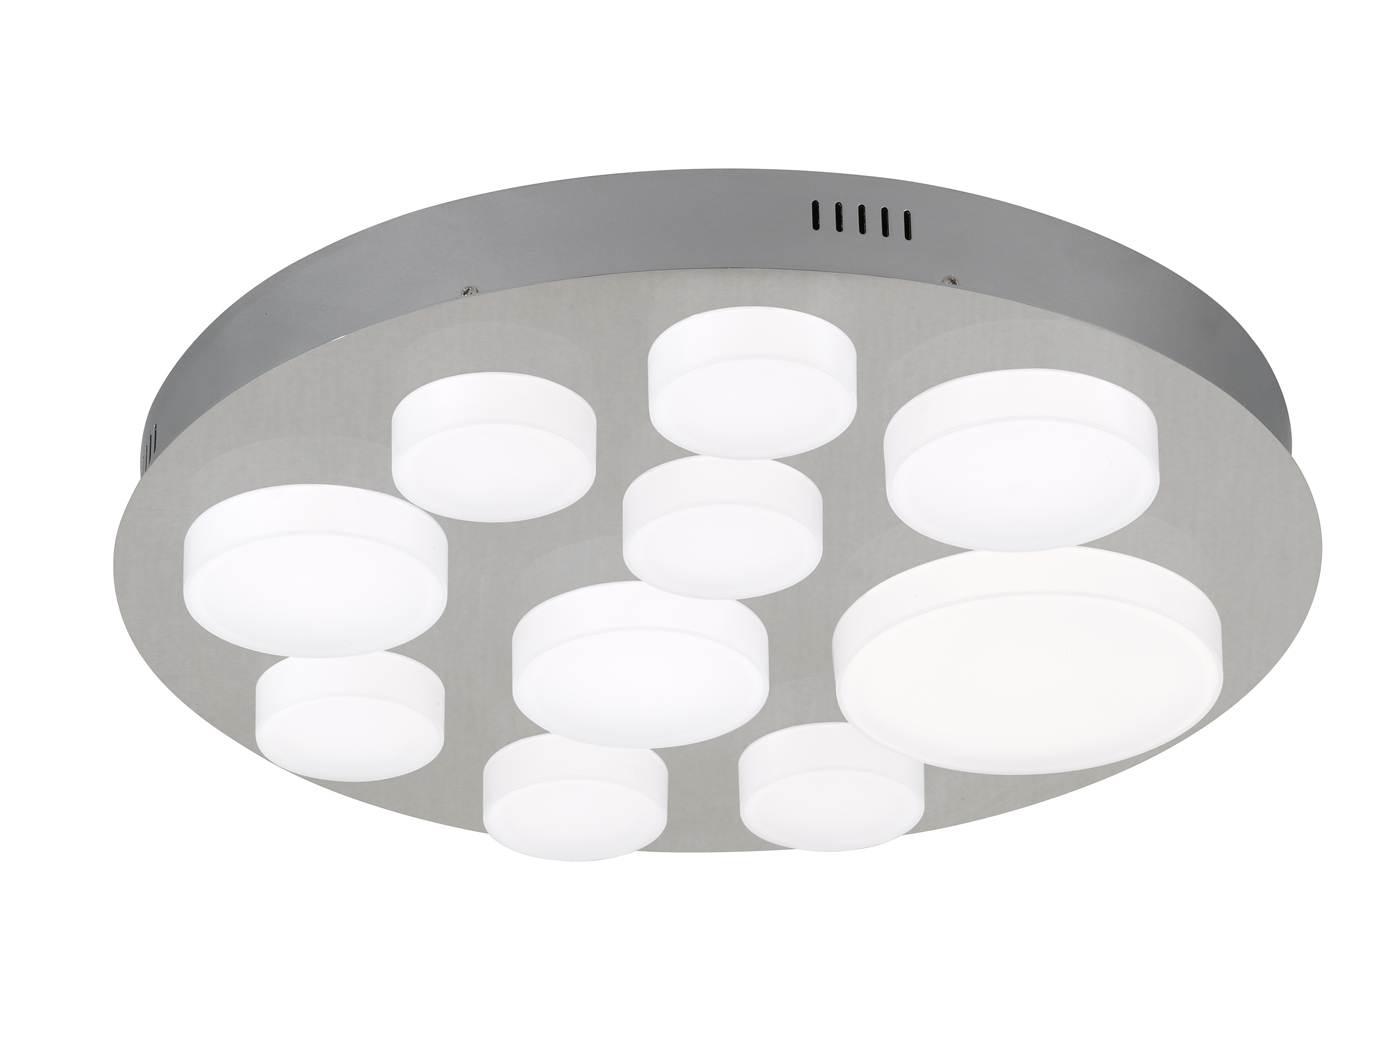 LED Deckenbeleuchtung Rund Dimmbar Nickel Weiss Deckenleuchte Wohnzimmer